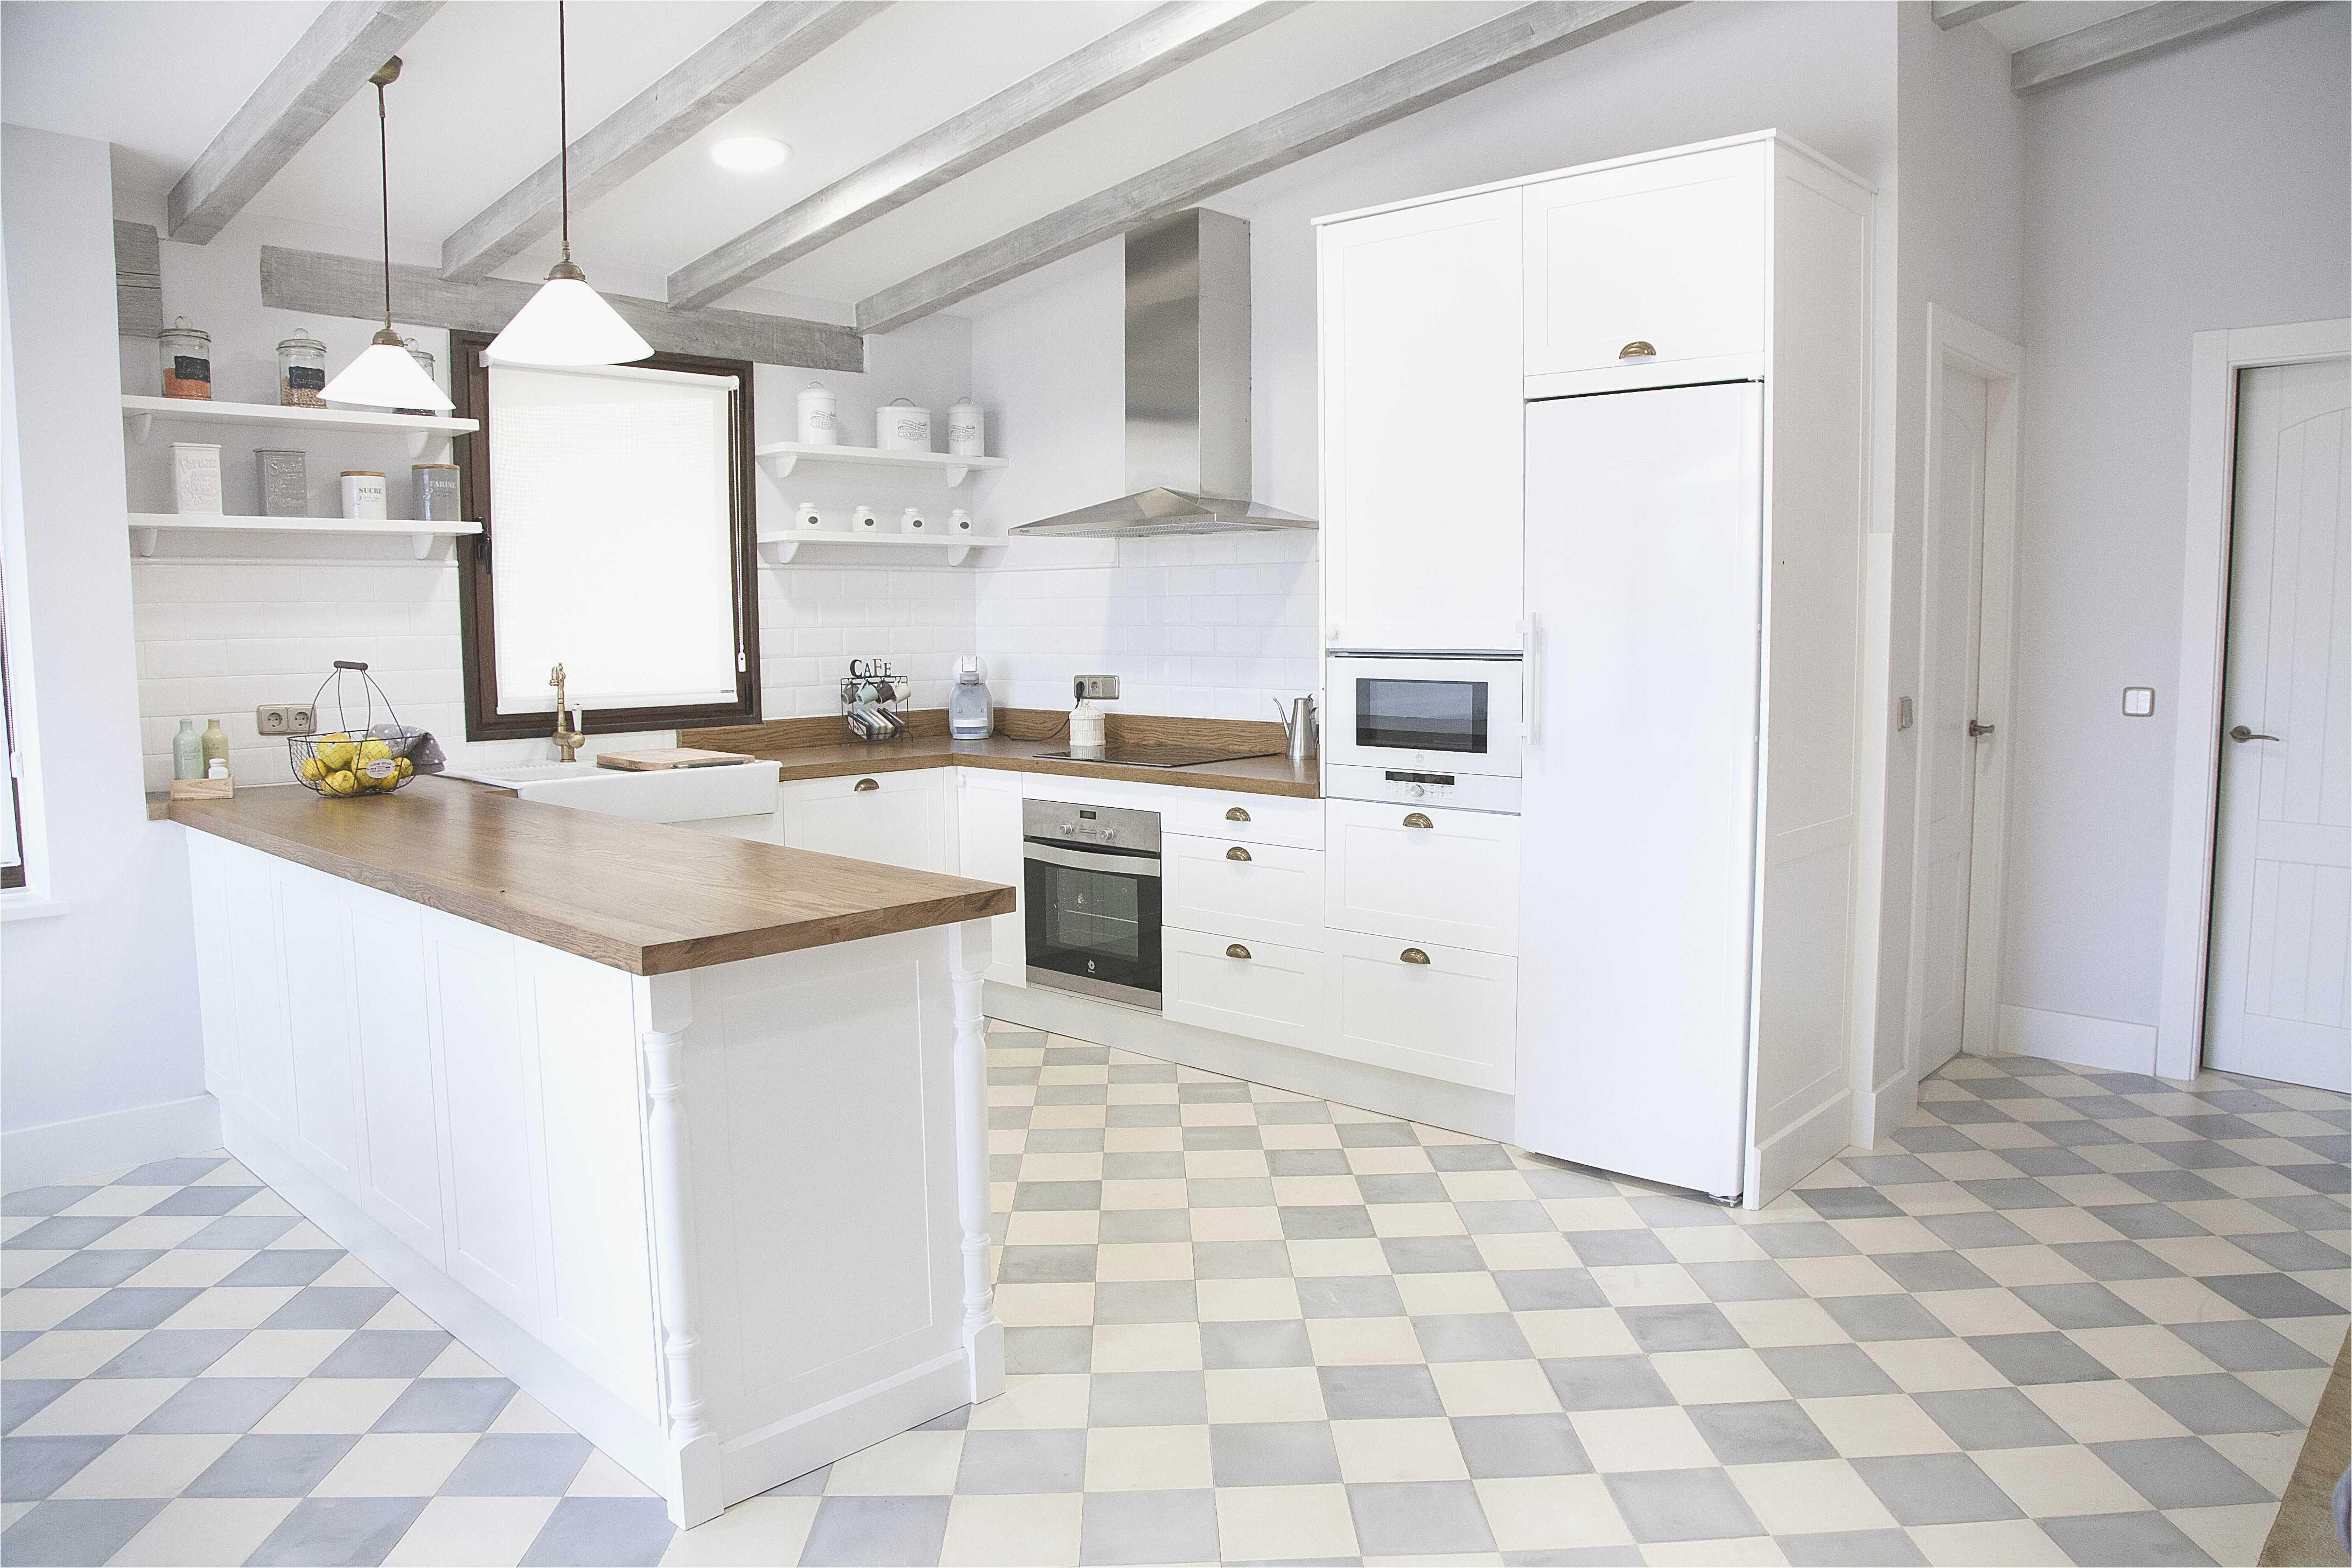 suelos para cocinas blancas hacia enorme cocina blanca y encimera madera perfect clic para ver en detalle proyecto para suelos para cocinas blancas jpg